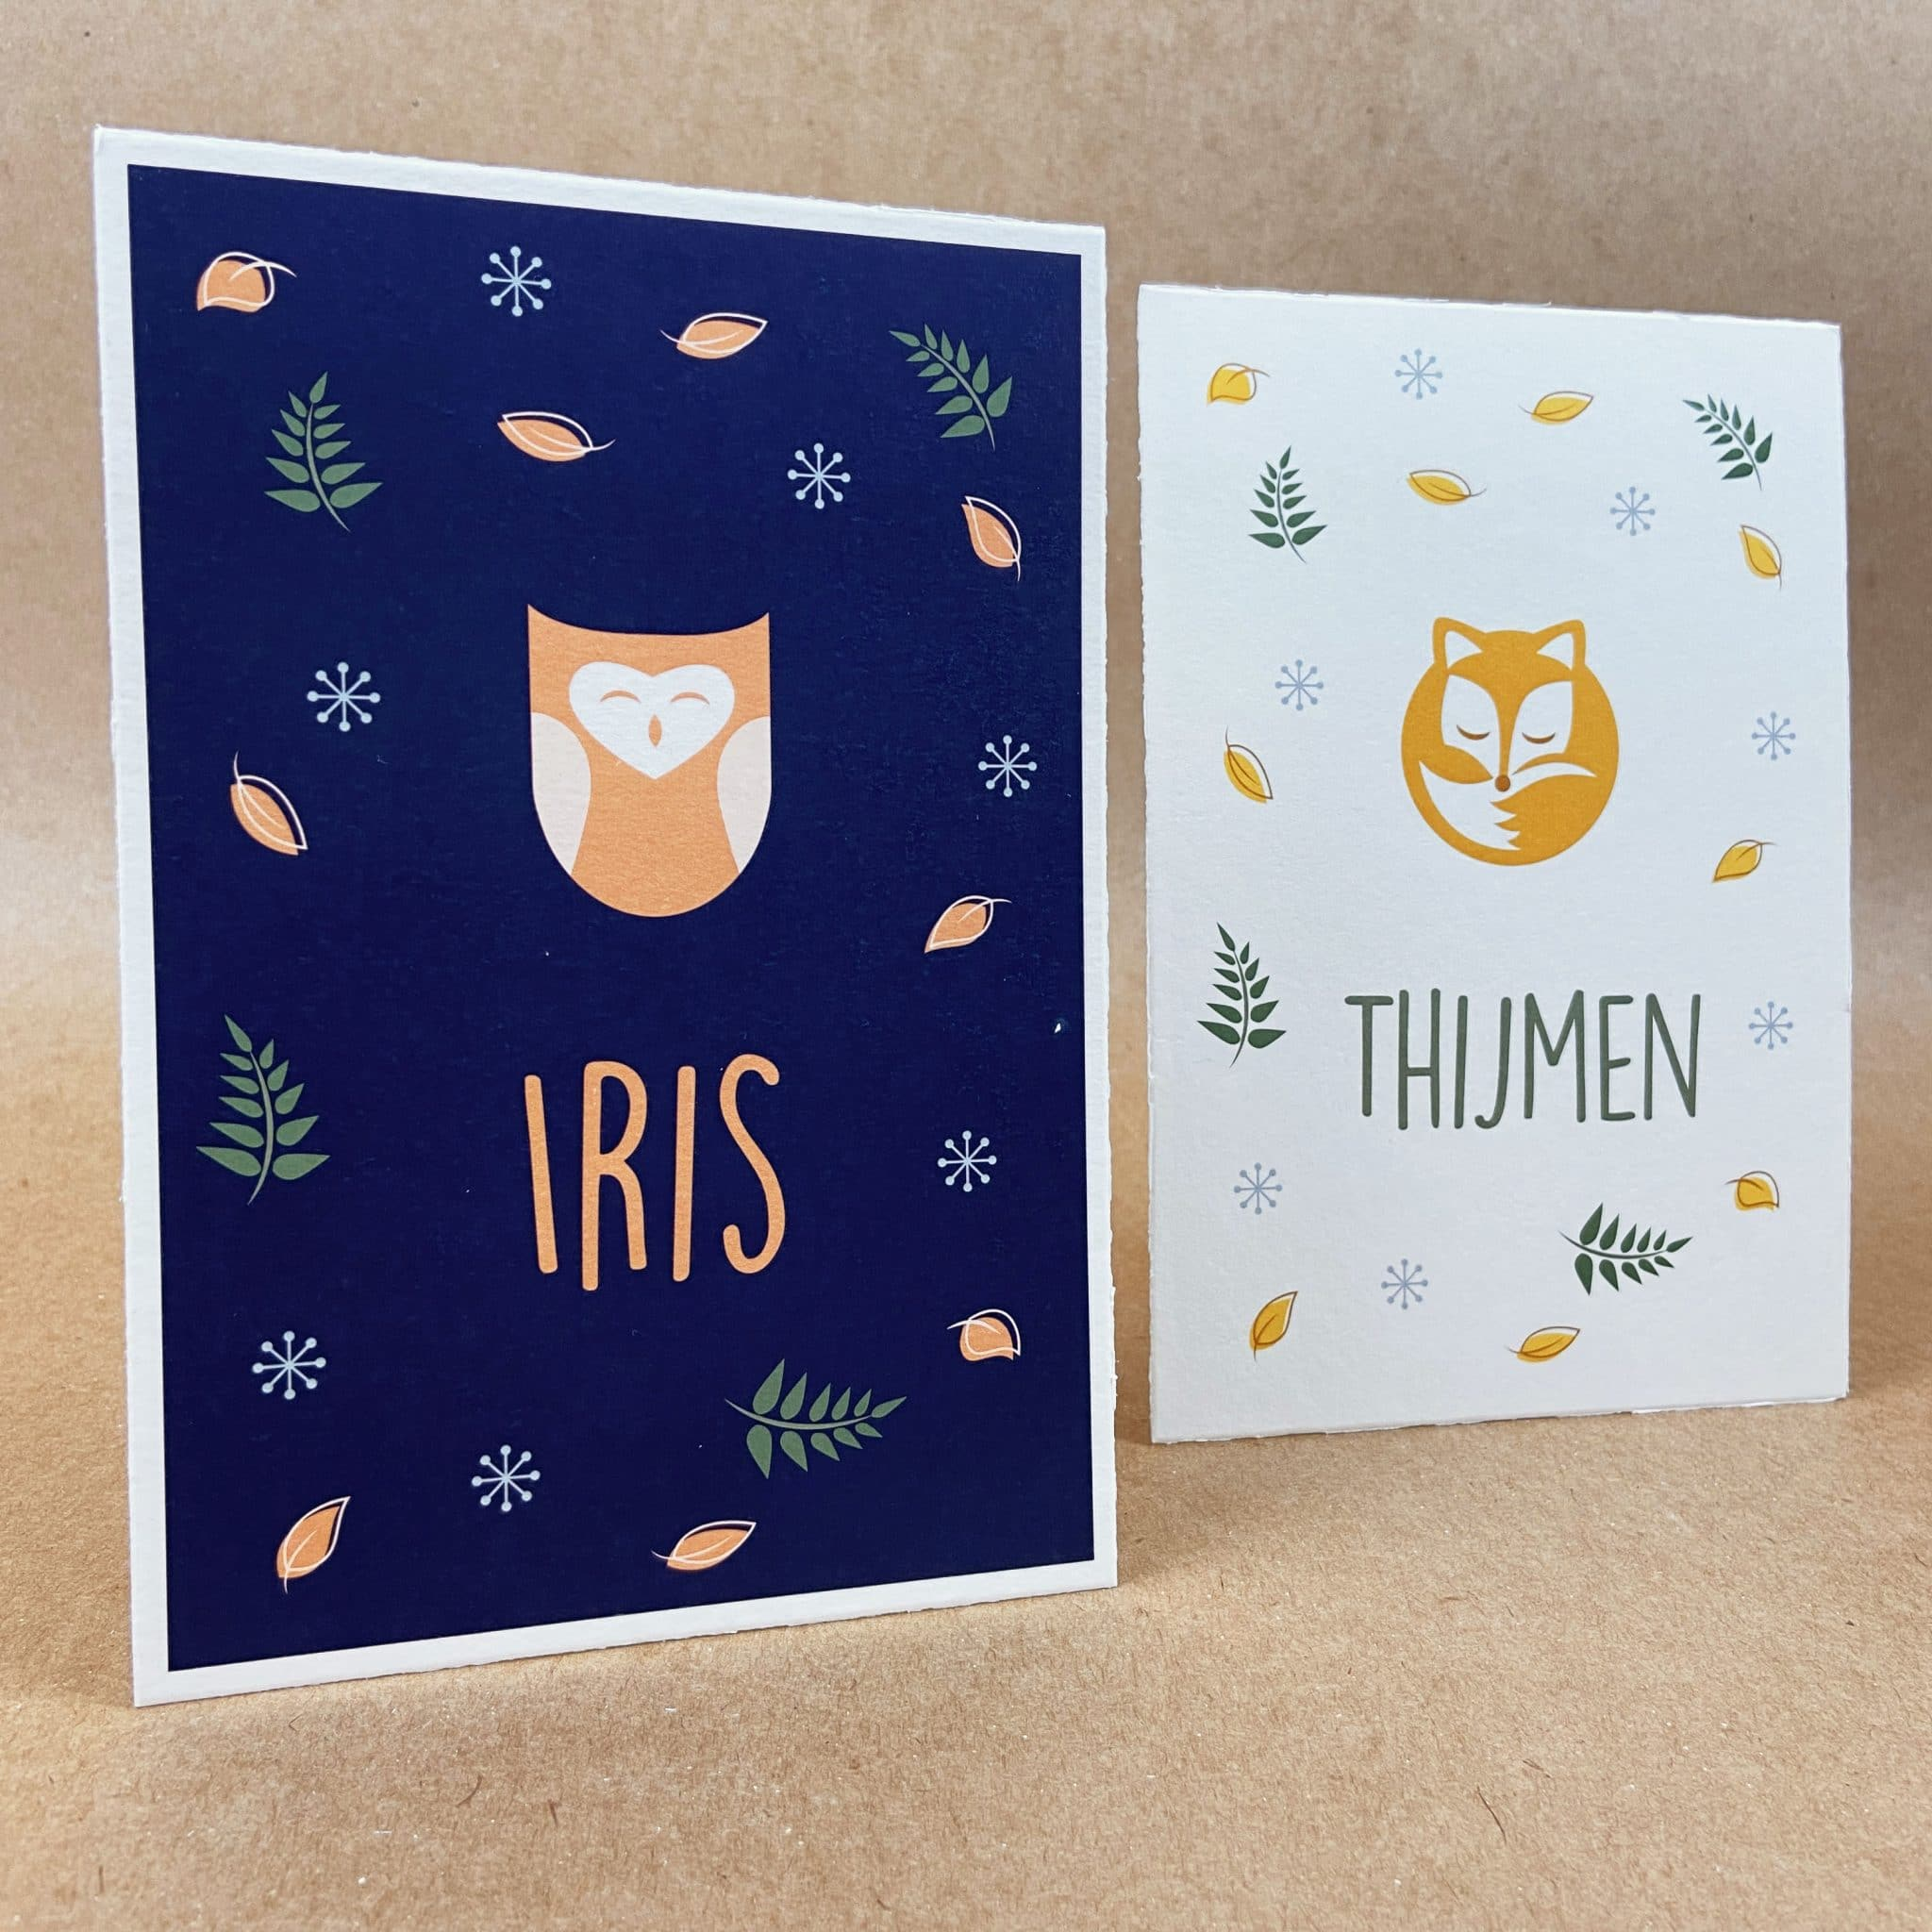 Geboortekaarten Iris Thijmen voor